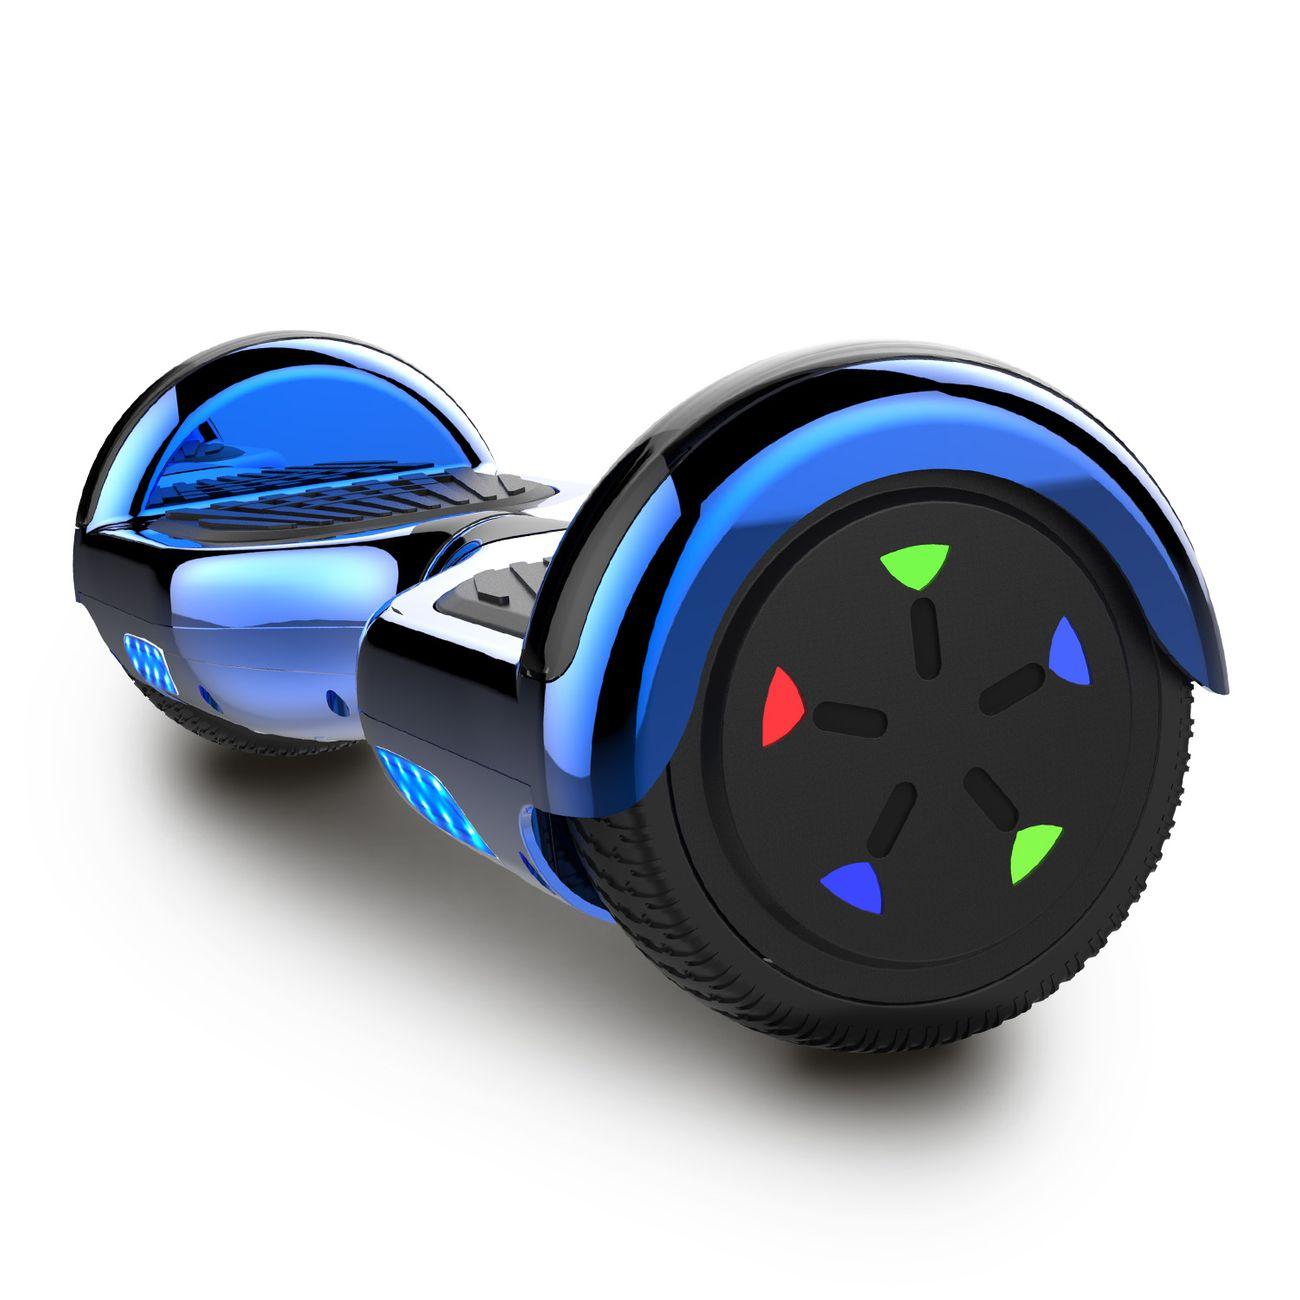 Glisse urbaine  COOL&FUN Cool&Fun Hoverboard 6.5 Pouces, Gyropode avec Bluetooth et Pneu à LED de couleur, Overboard Bleu Chromé